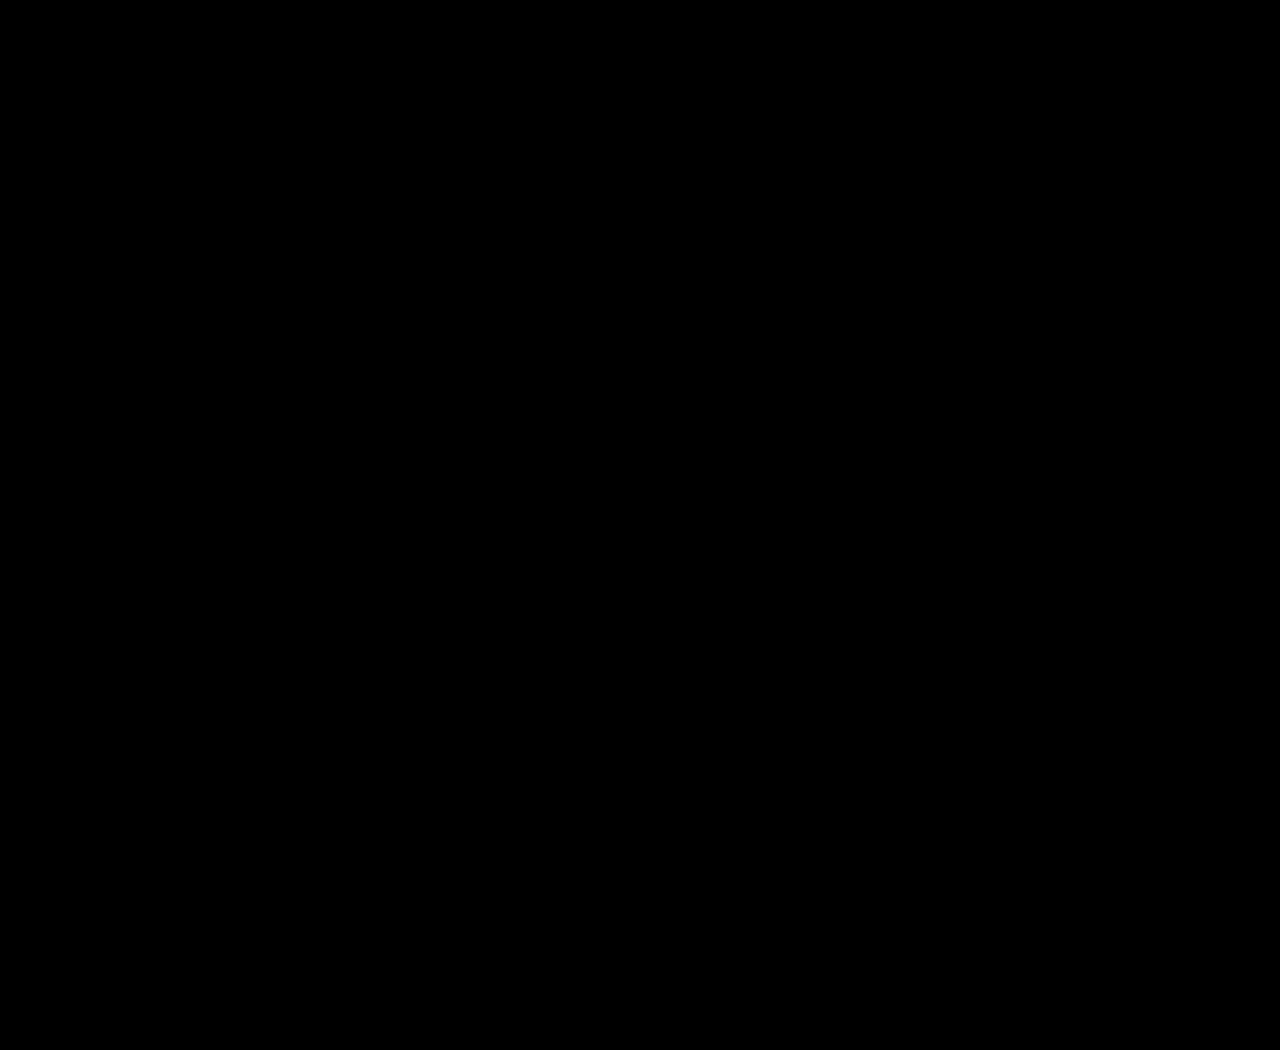 Fonty dla prezentacji